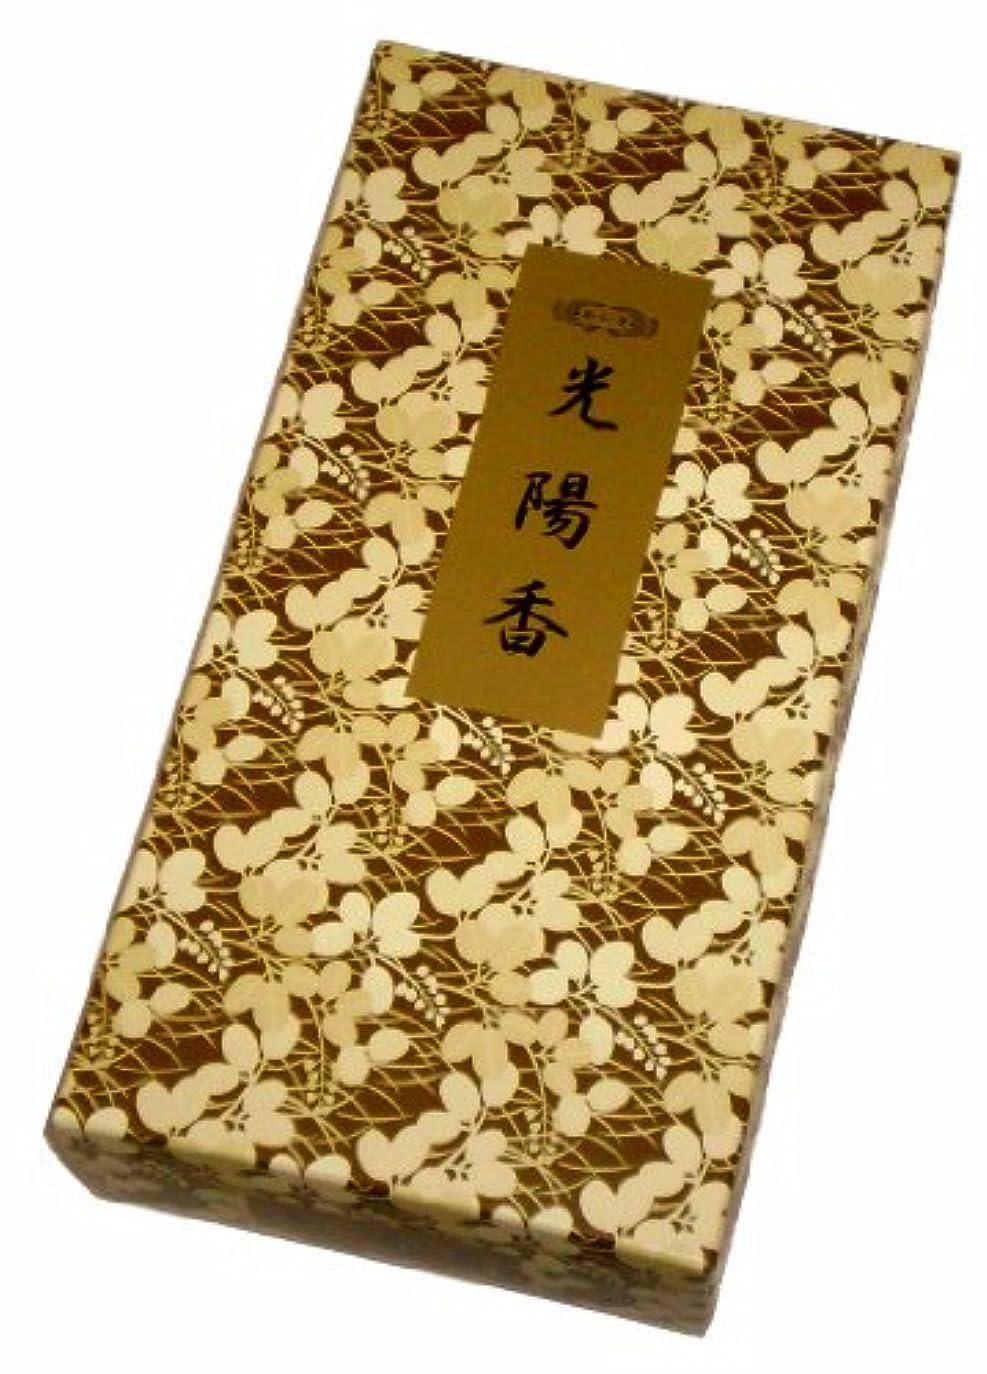 合併デッキ報復する玉初堂のお香 光陽香 500g #661